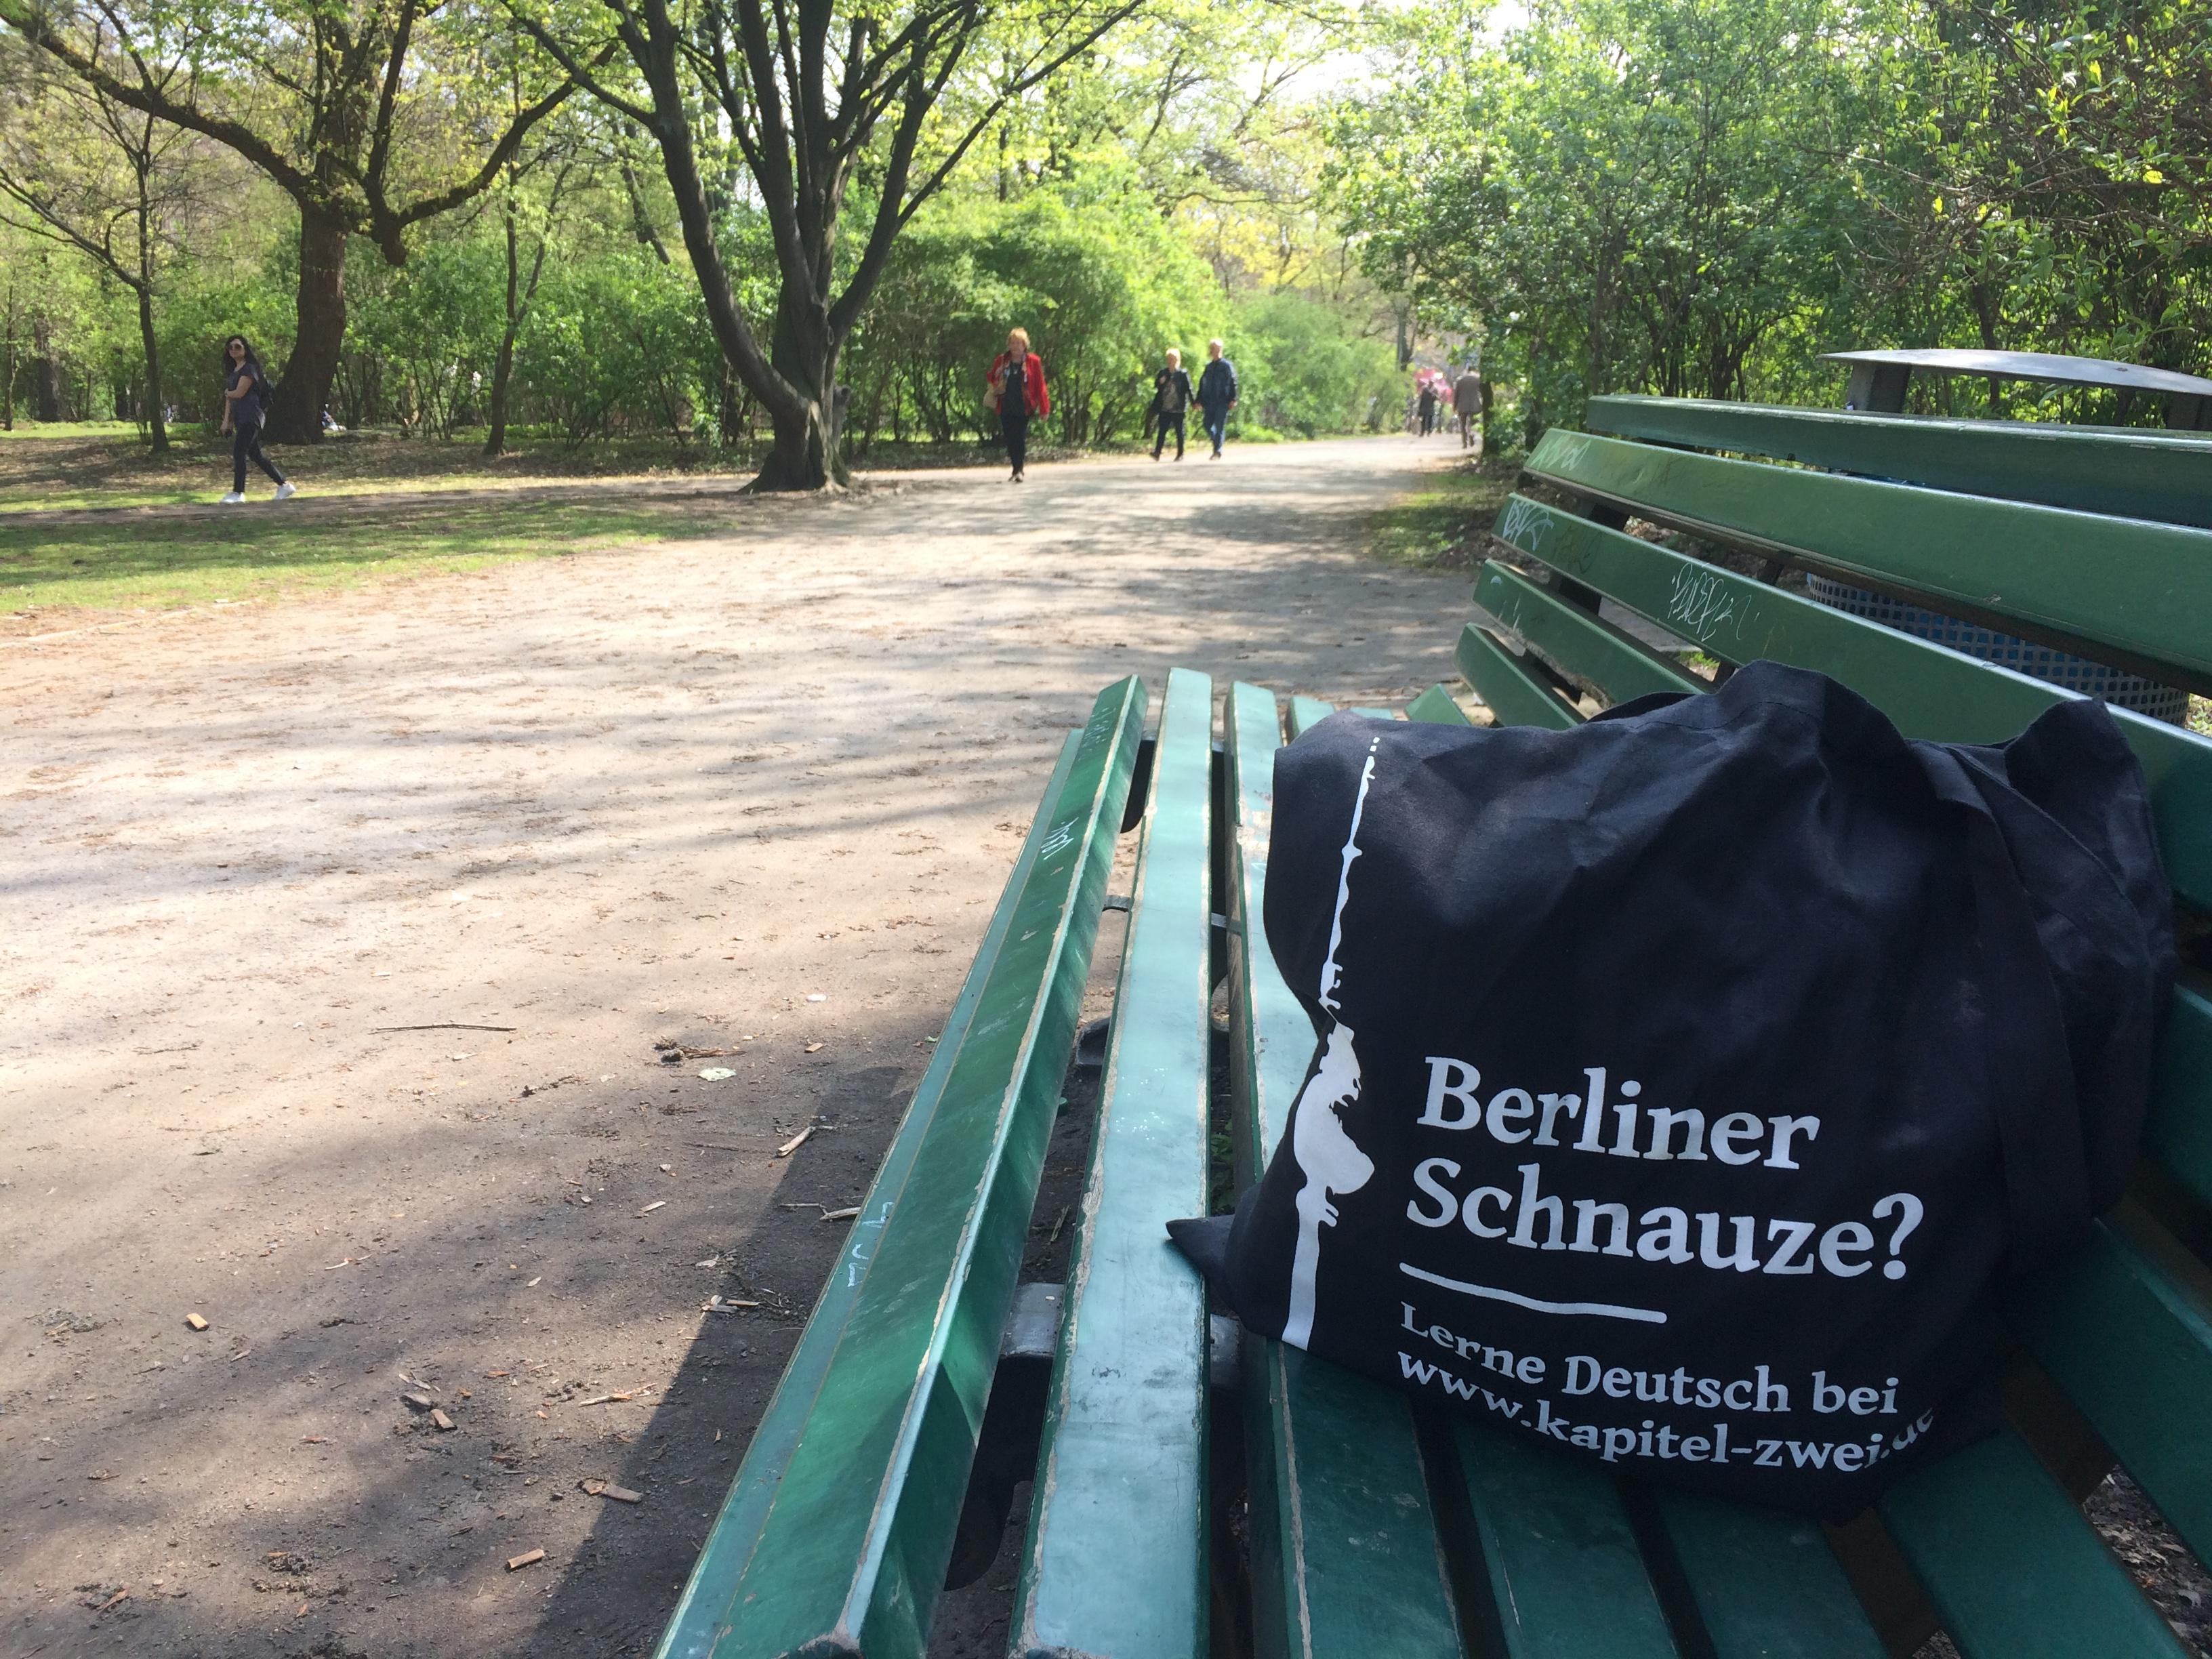 Aproveitando os espaços públicos como um alemão